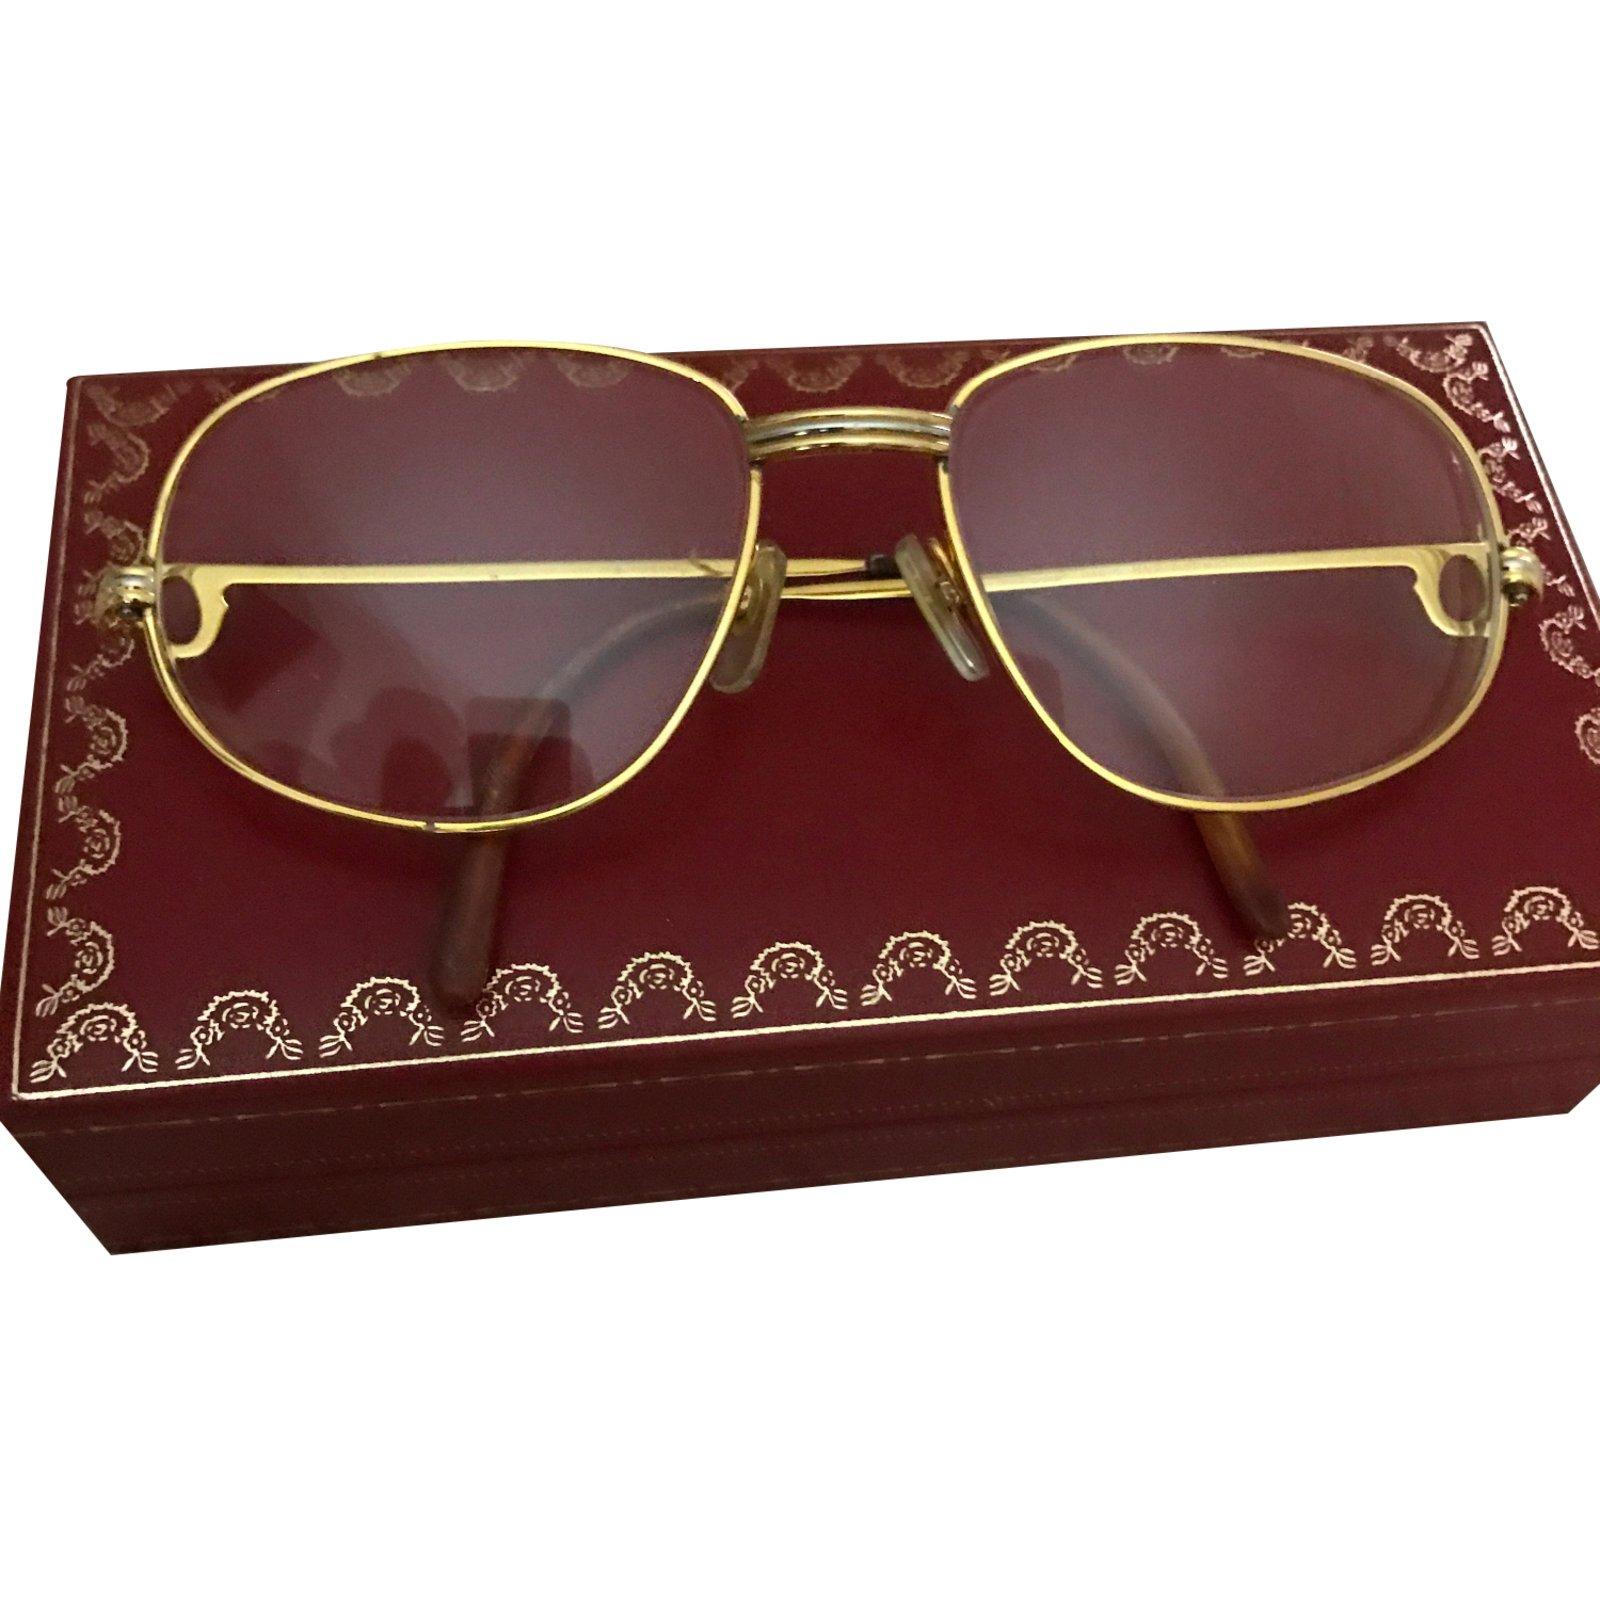 e9bad1c8503 Lunettes Cartier Romance Plaqué or Doré ref.38508 - Joli Closet